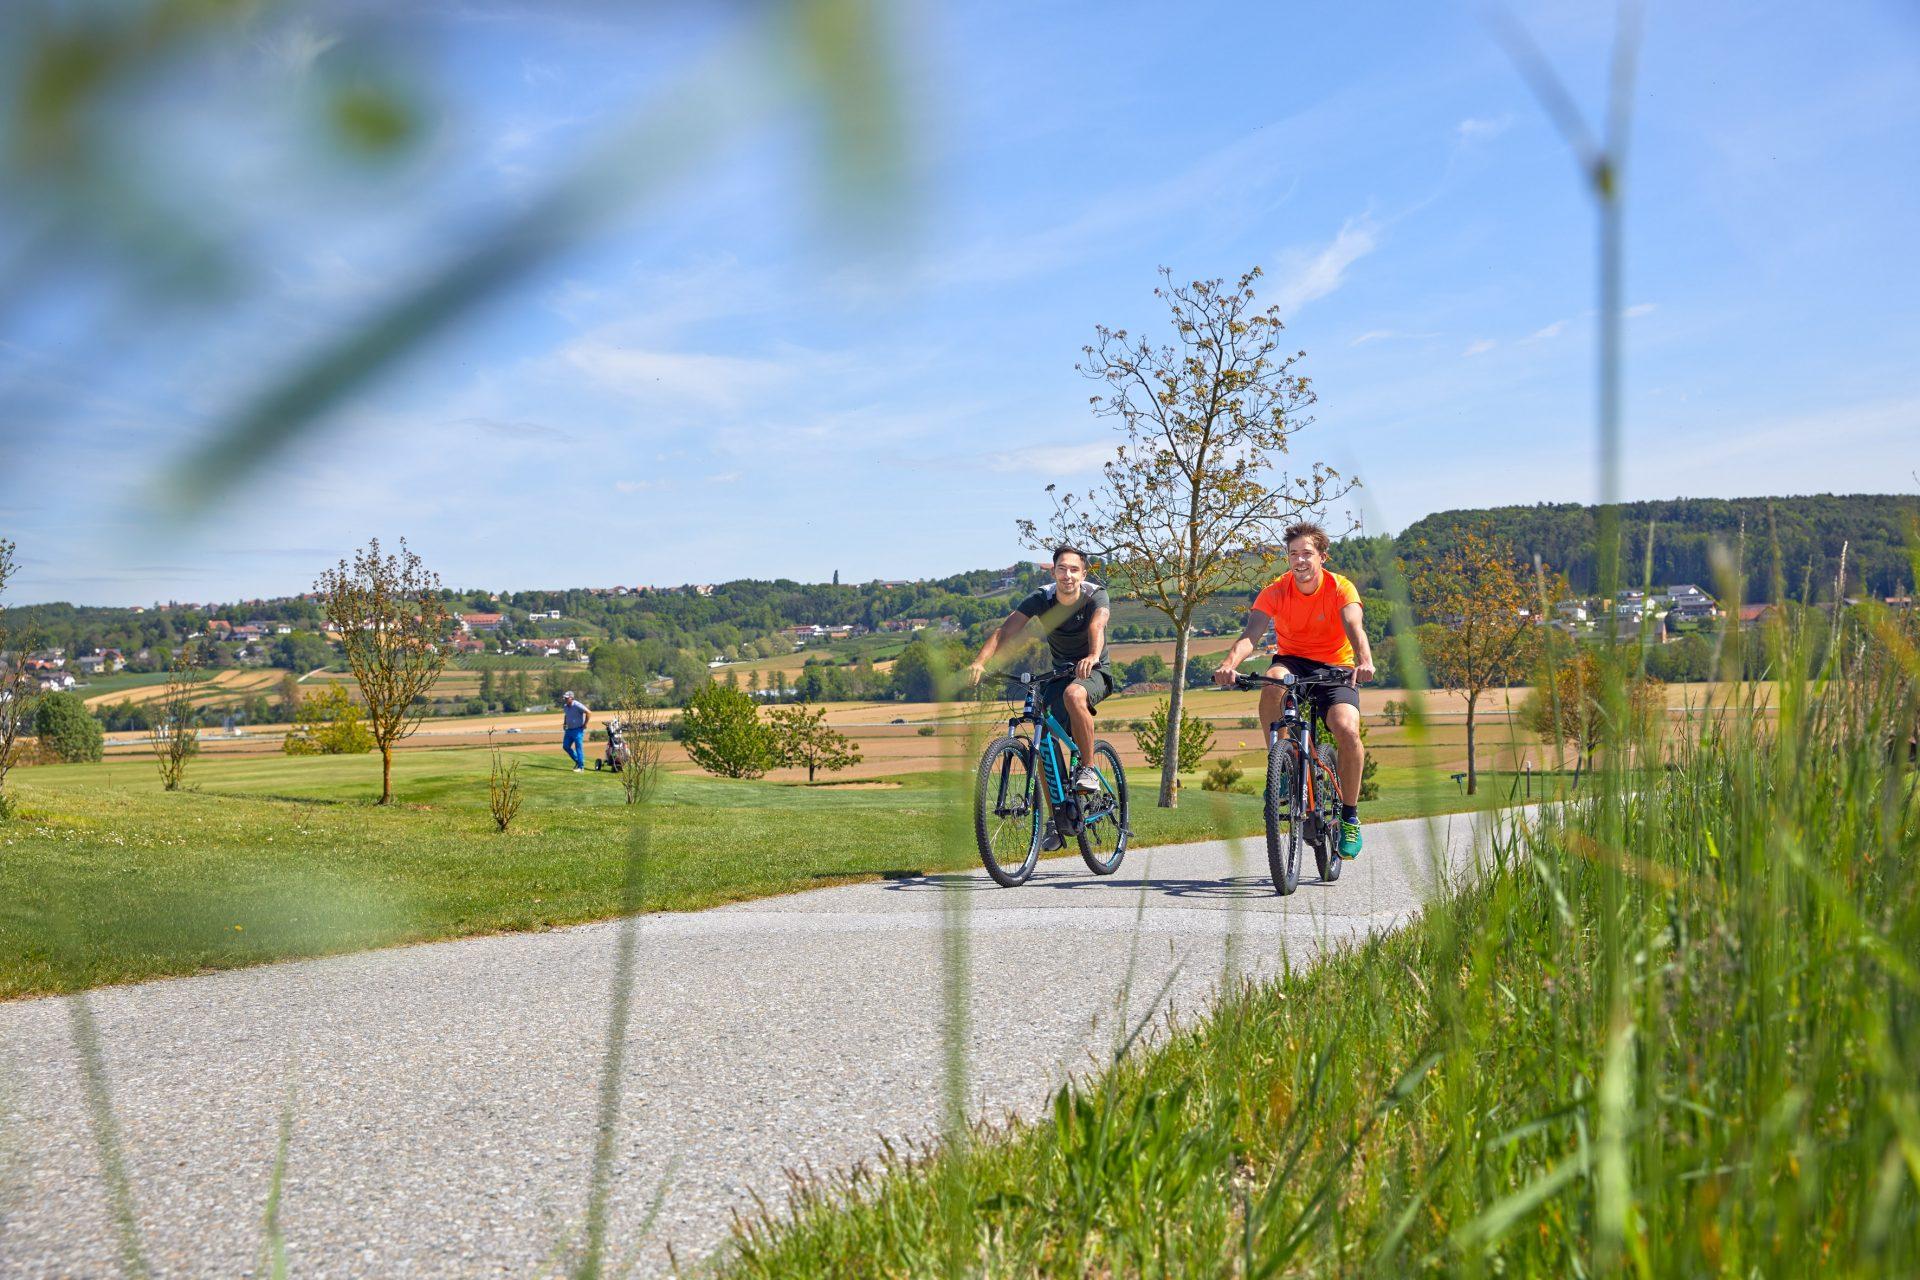 Štýrsko představuje vhodnou variantu pro podzimní cyklistickou dovolenou.